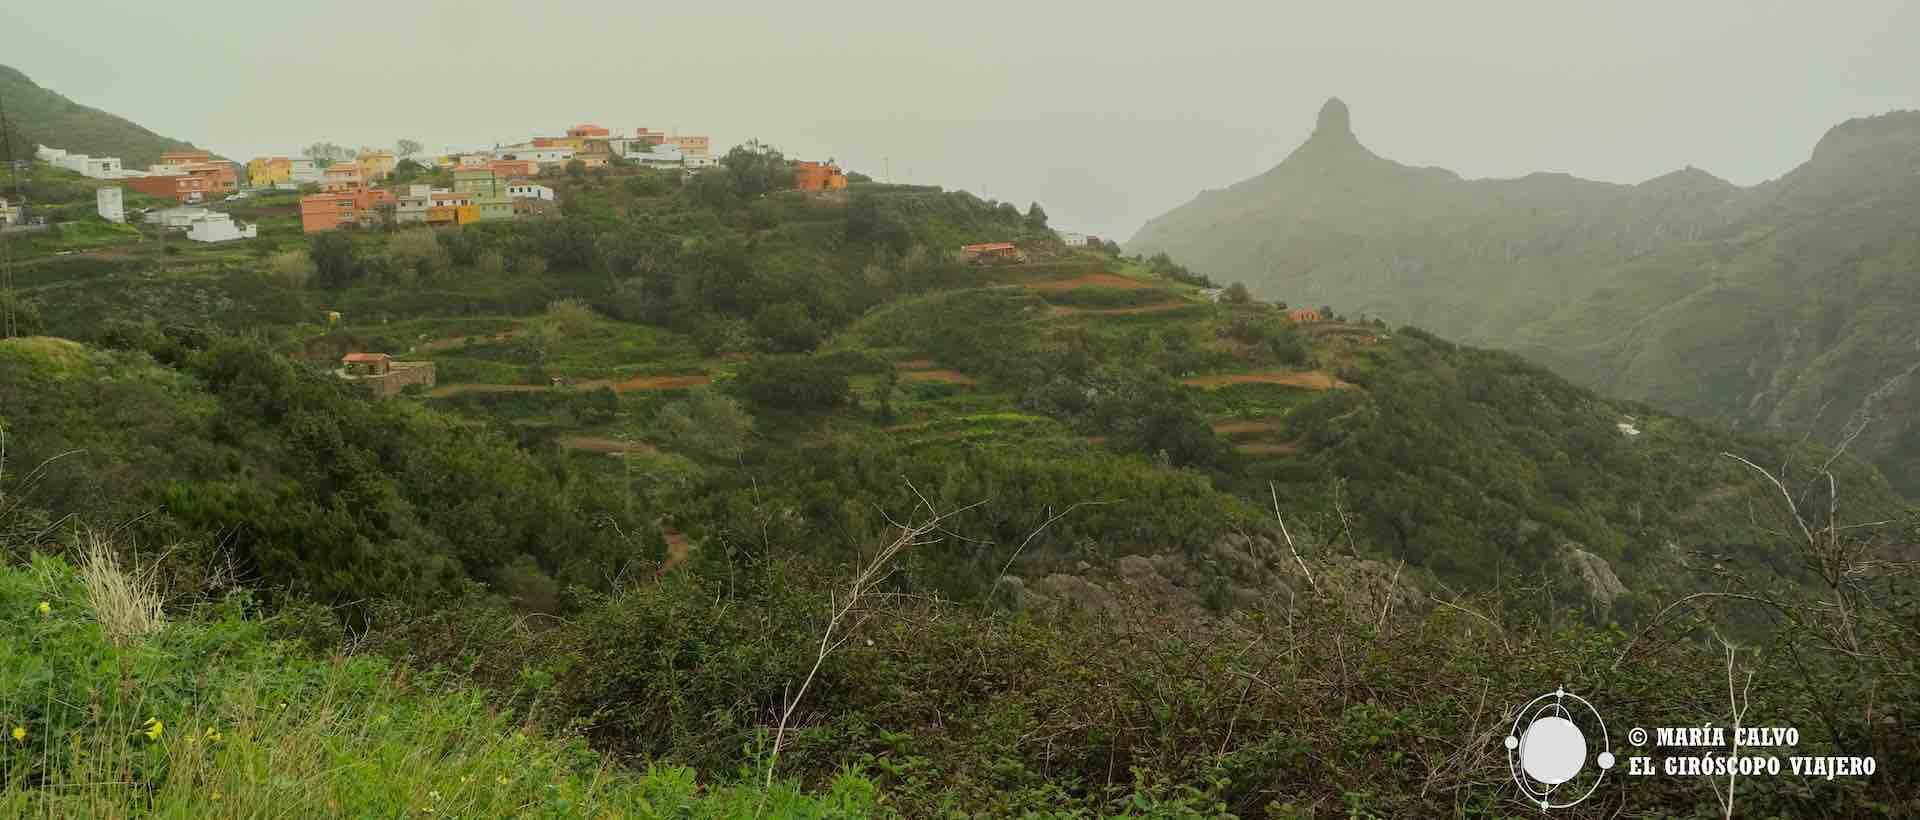 El pueblo de las Carboneras con sus casas de colores, huertas bancales y el extraño monte al fondo conocido como Cabezo Tenejía